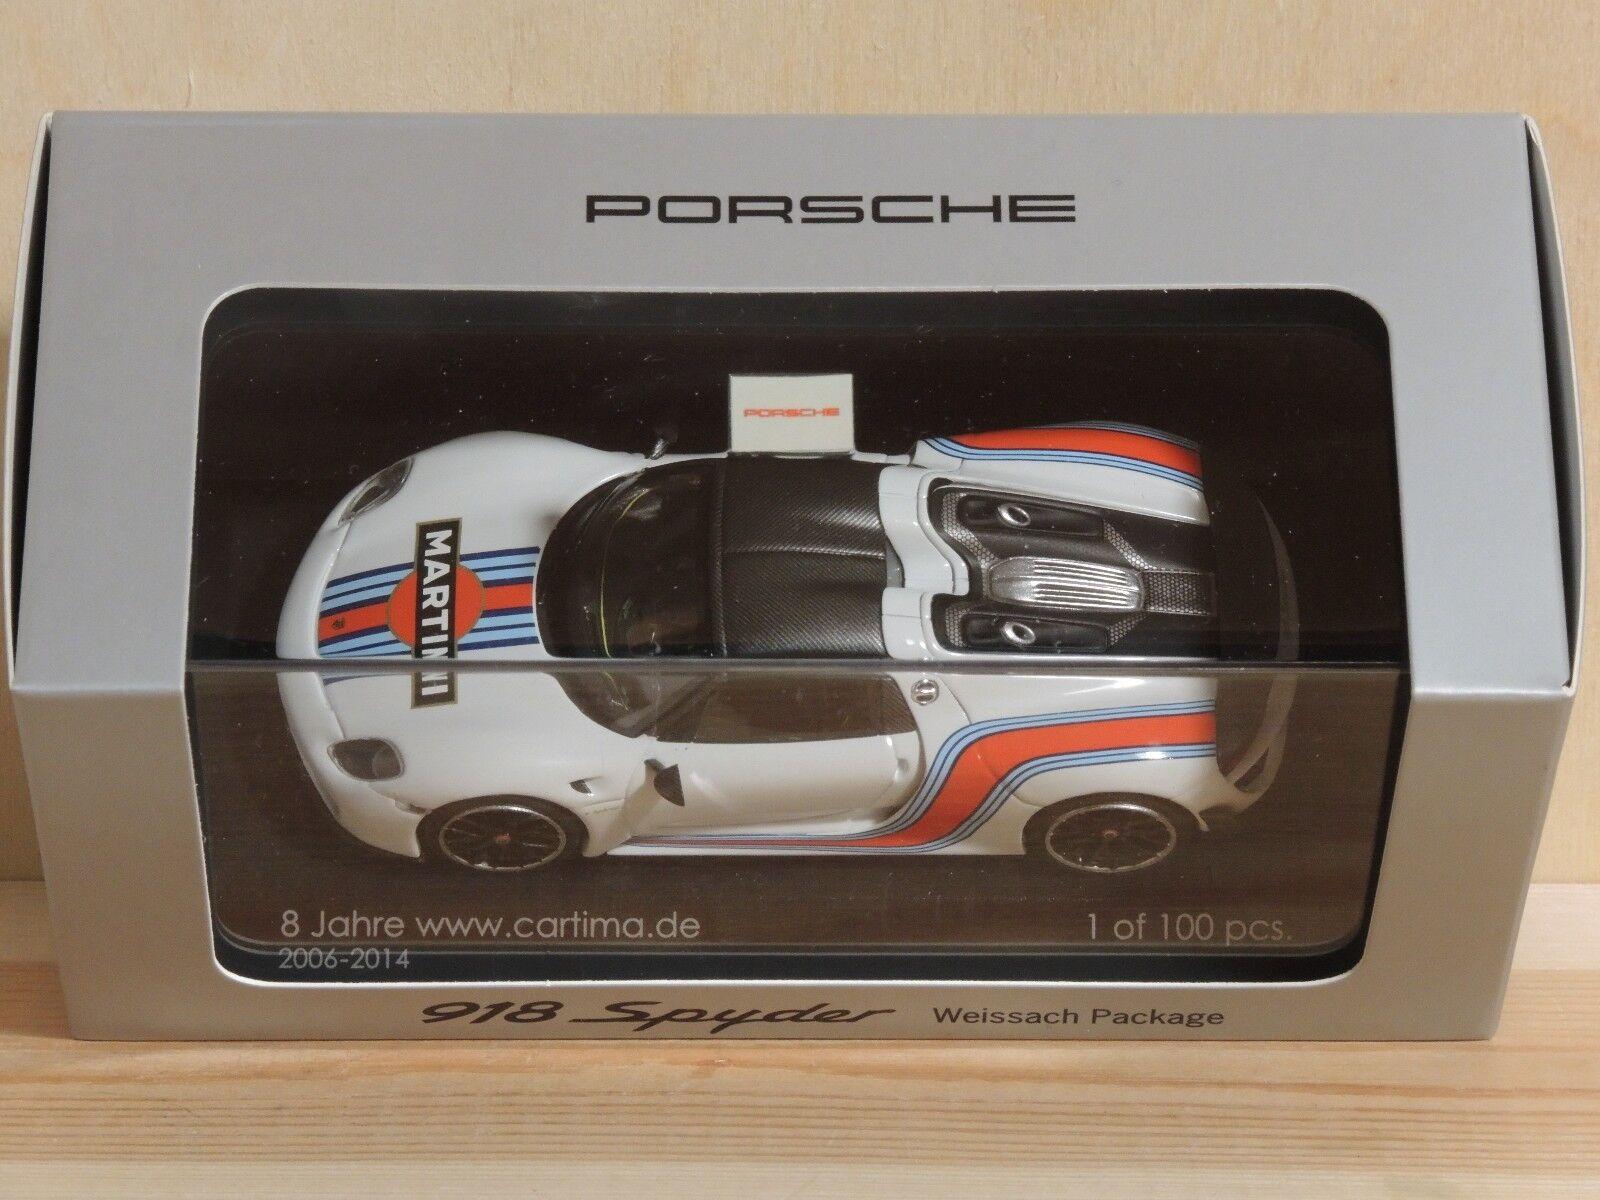 Minichamps Cartima - Porsche 918 Spyder Weissach Pack. Limited 1 of 100 pcs 1 43